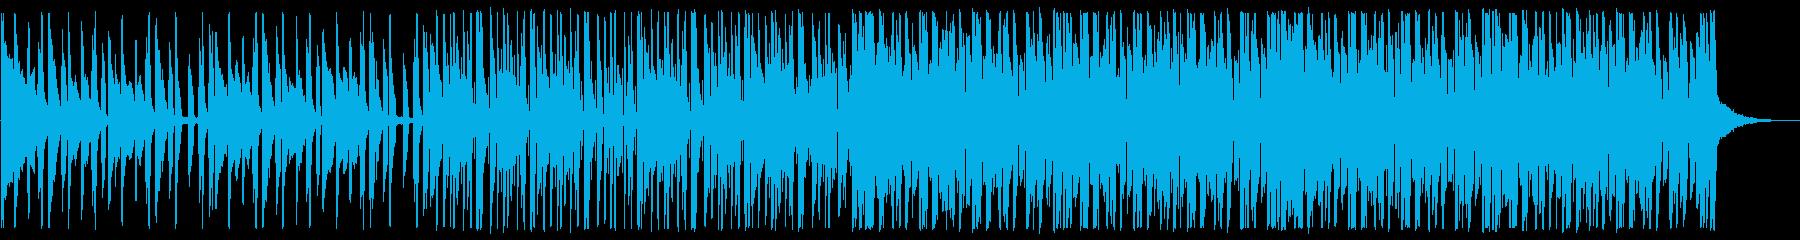 キラキラ/ハウス_No484_3の再生済みの波形